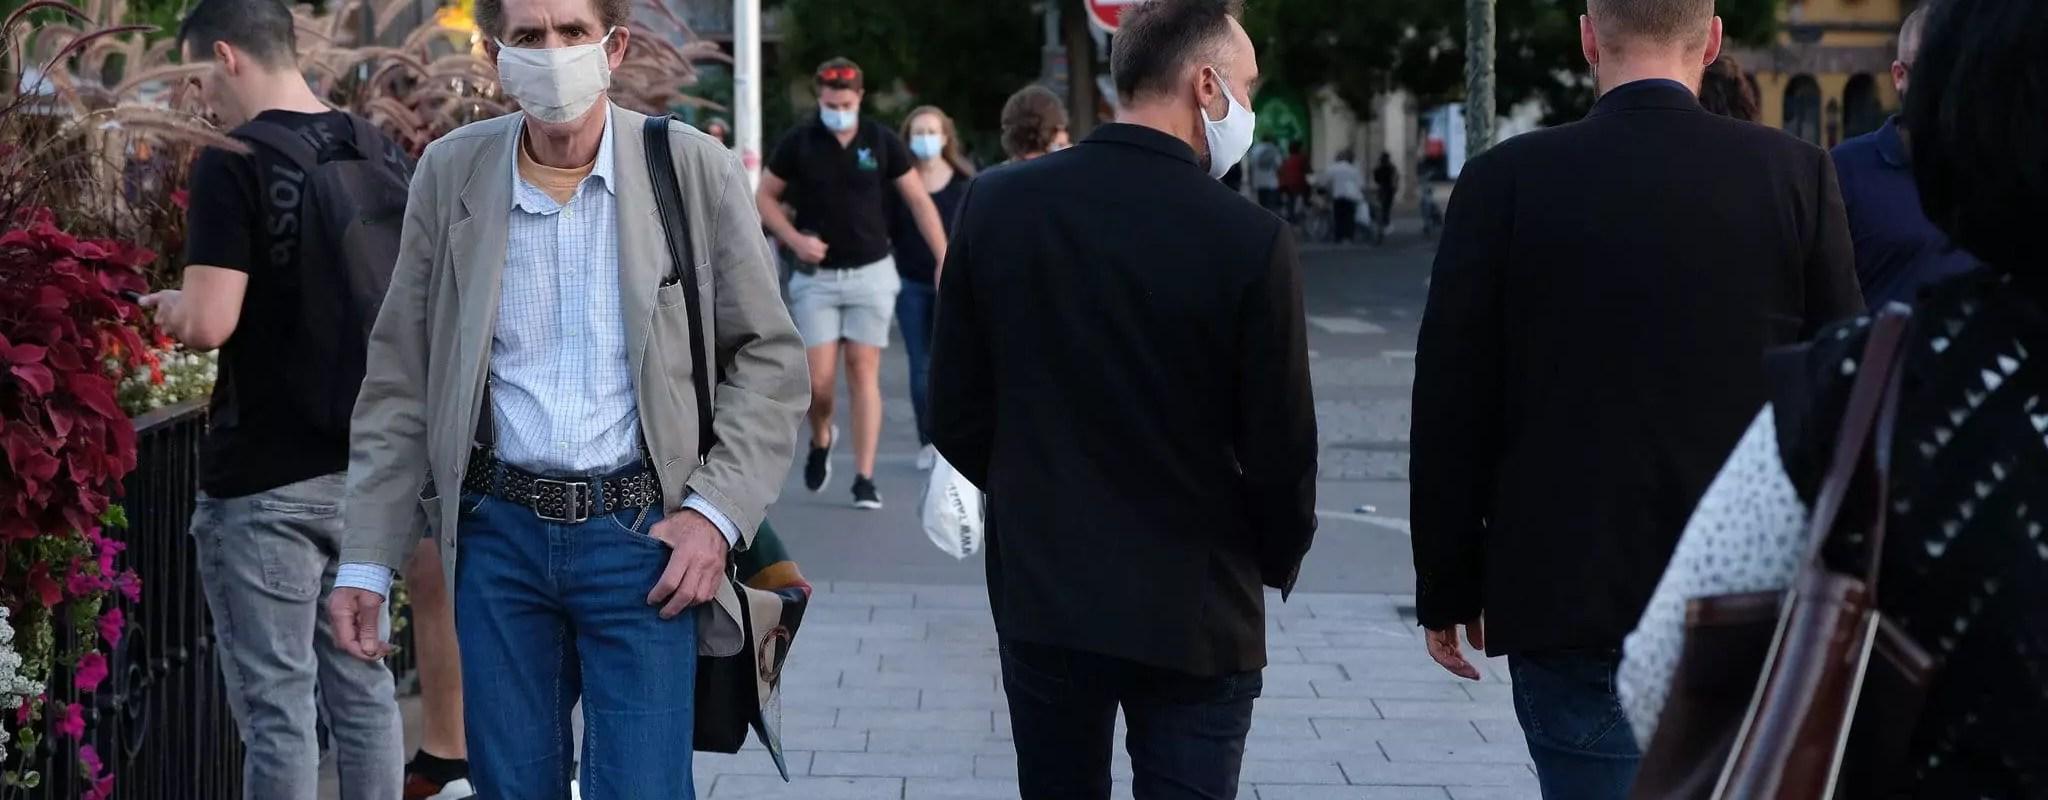 «Un peu de cohérence!» Le tribunal administratif demande une zone précise pour le masque à Strasbourg